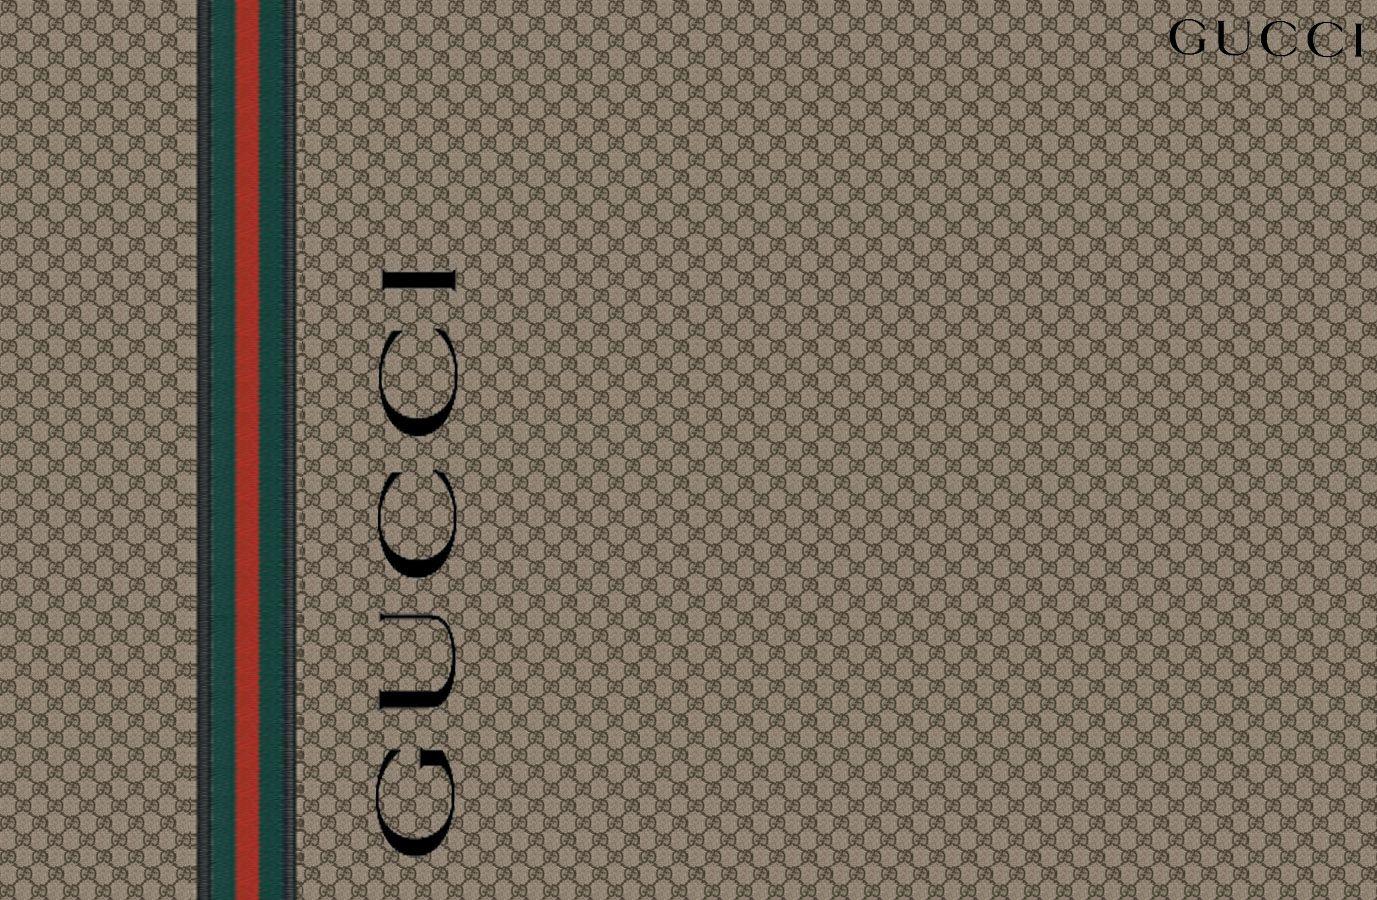 Gucci Wallpaper Gucci Server Miniature